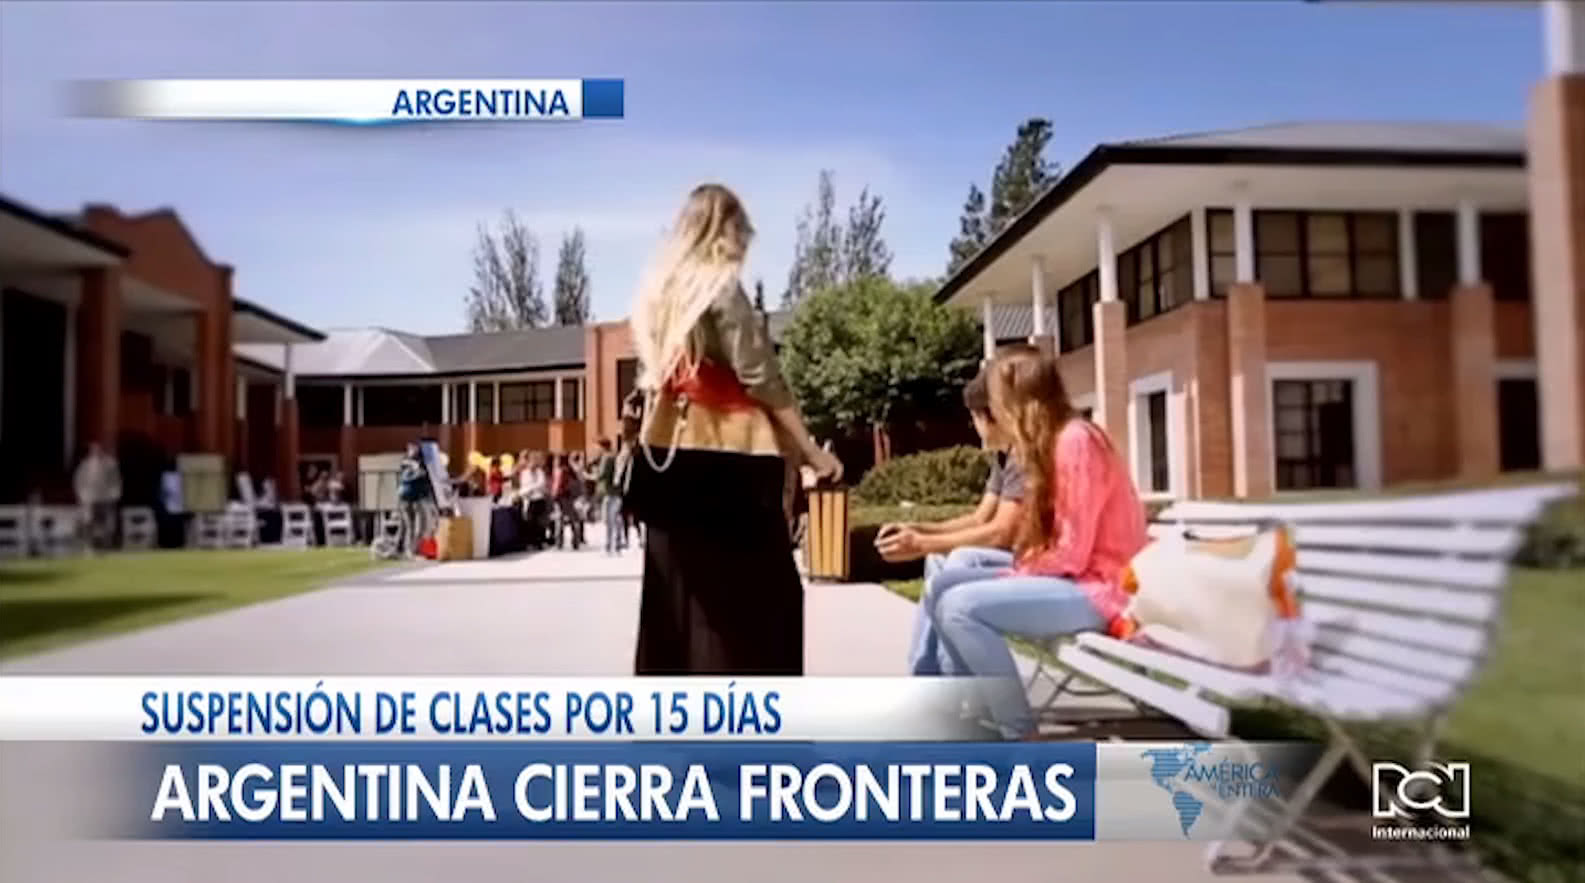 Presidente Alberto Fernández ordena el cierre de fronteras y anuncia la suspensión de clases en Argentina